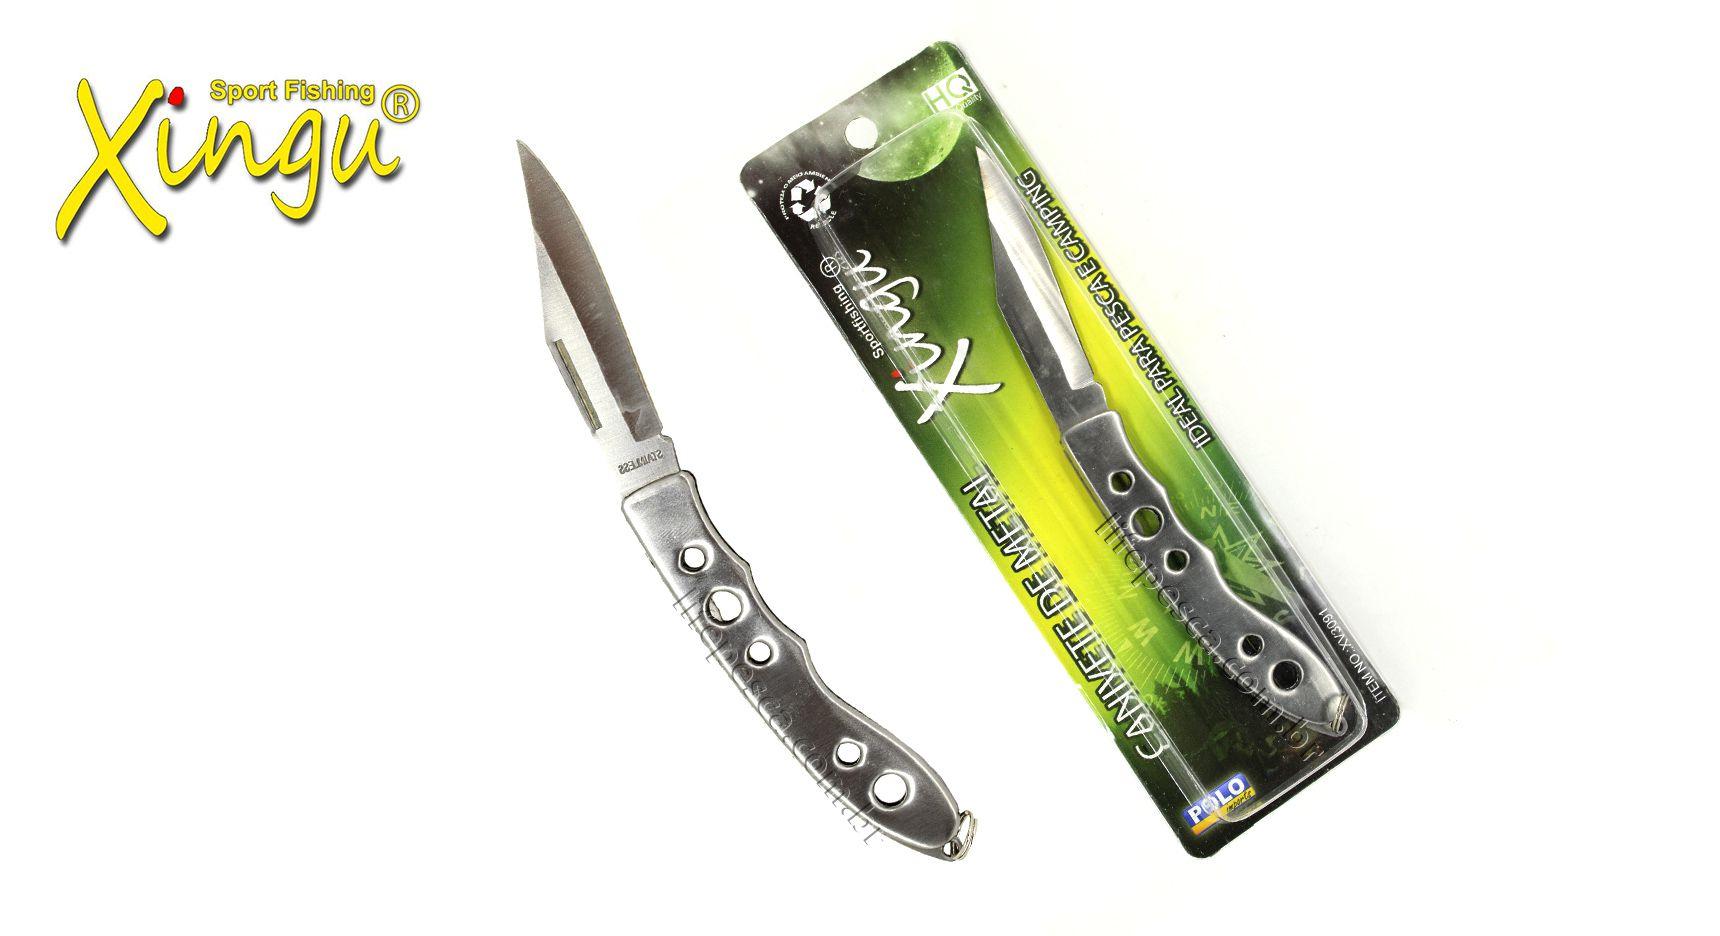 Canivete Xingu XV3091 - Inoxidável  - Life Pesca - Sua loja de Pesca, Camping e Lazer